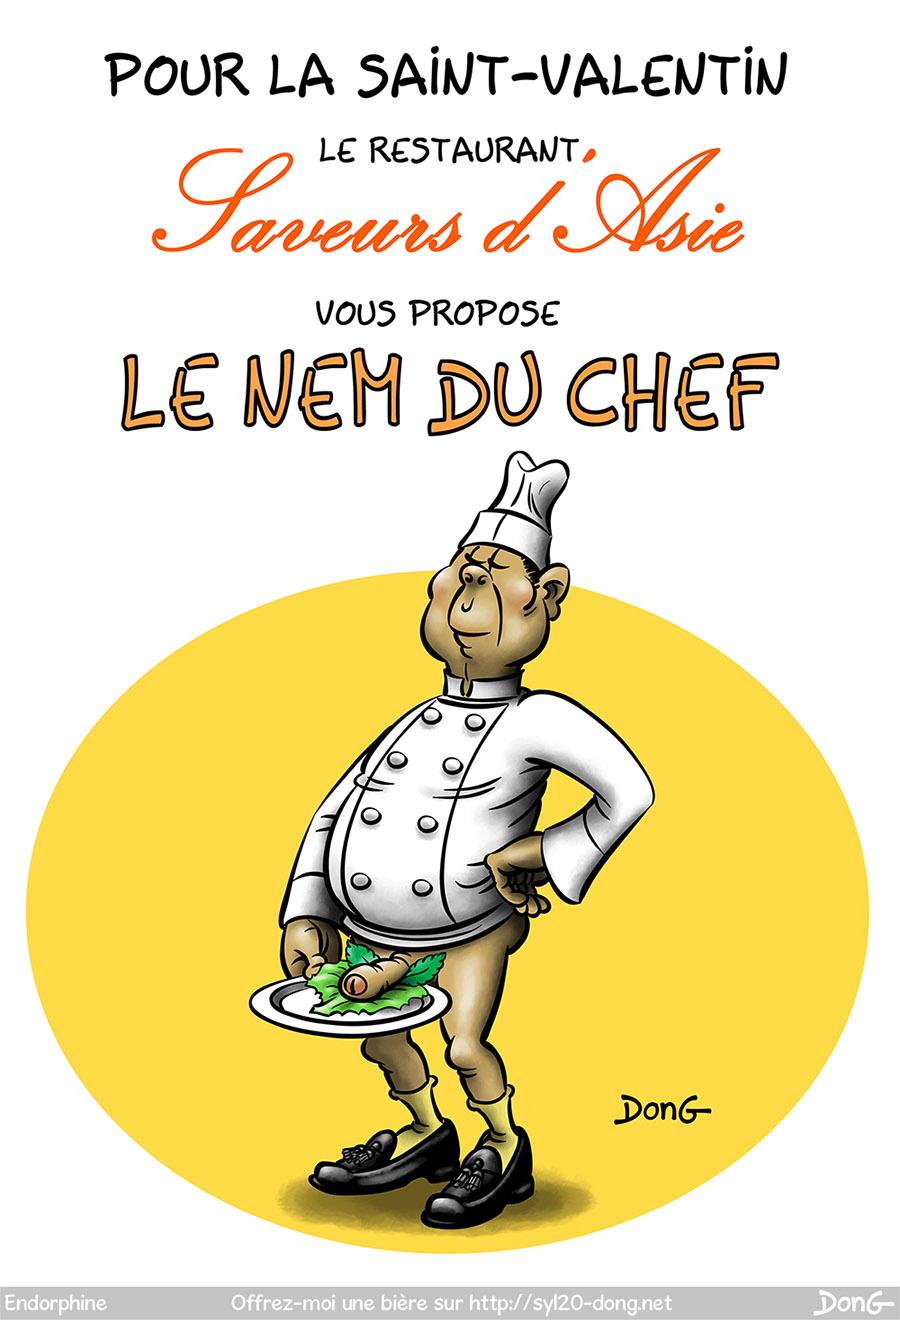 """Nem. Dessin représentant un cuisinier asiatique sans pantalon. Son pénis est posé sur une assiette avec des feuilles de menthe et de salade. Légende """"Pour la Saint-Valentin, le restaurant saveurs d'Asie vous propose le nem du chef"""""""